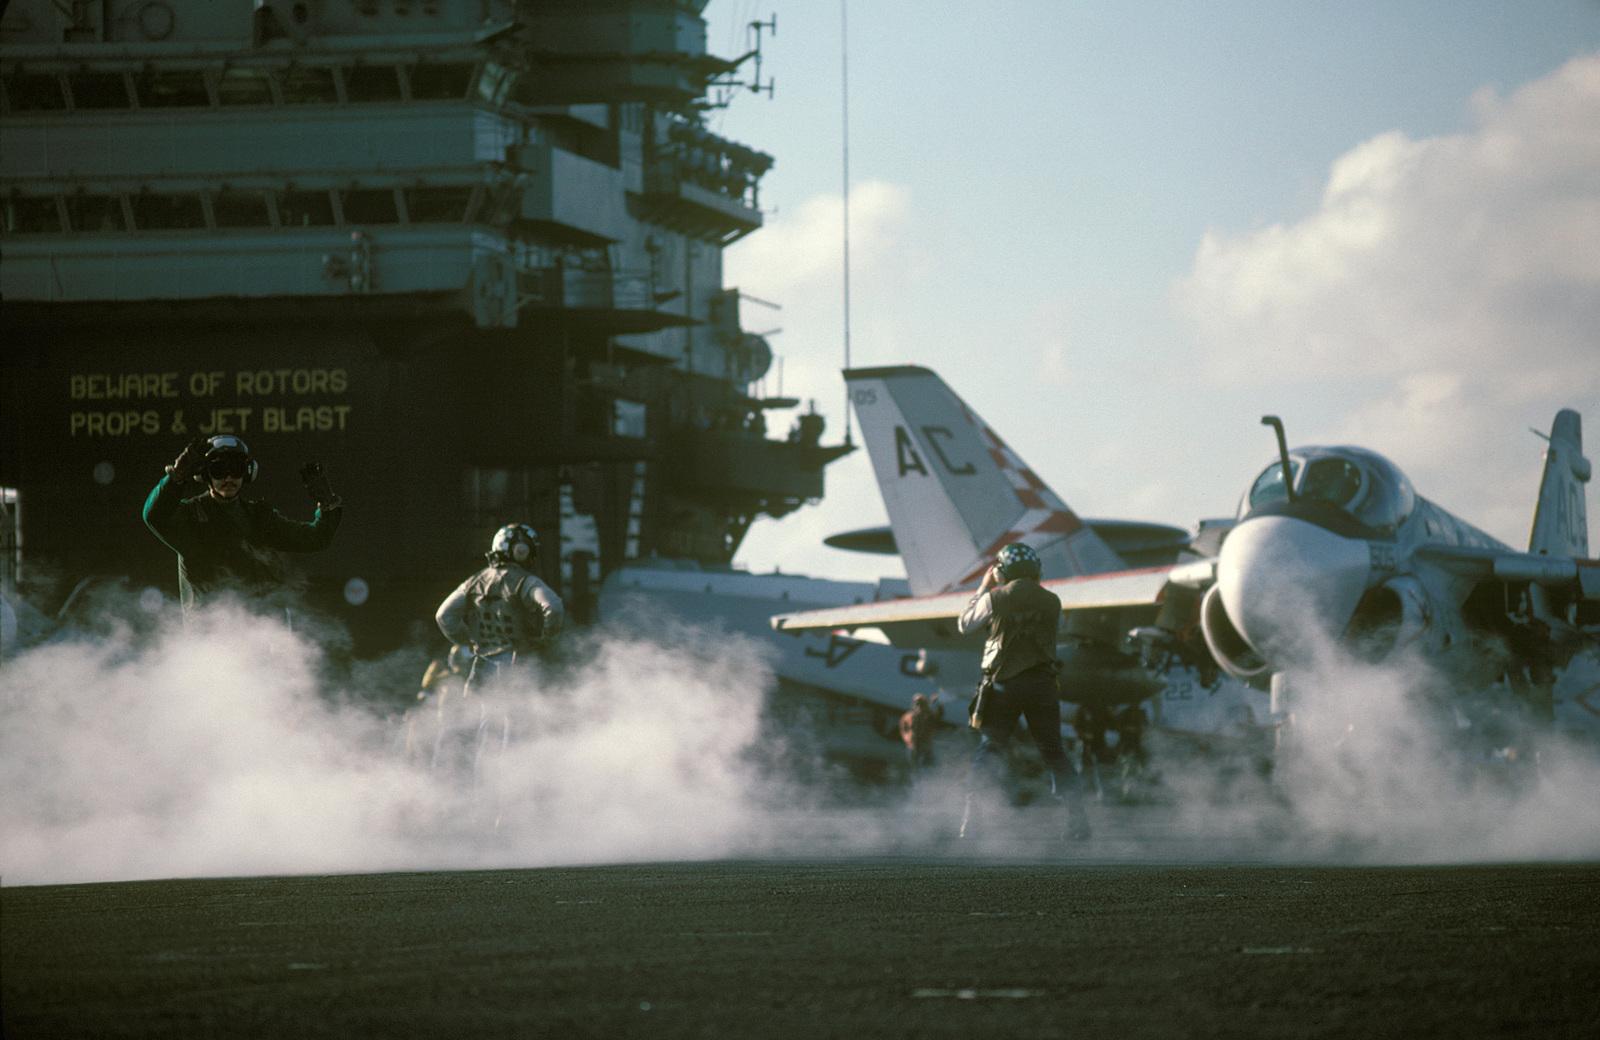 Steam drifts across the flight deck as an A-6E Intruder aircraft is prepared for launch from the aircraft carrier USS JOHN F. KENNEDY (CV 67)